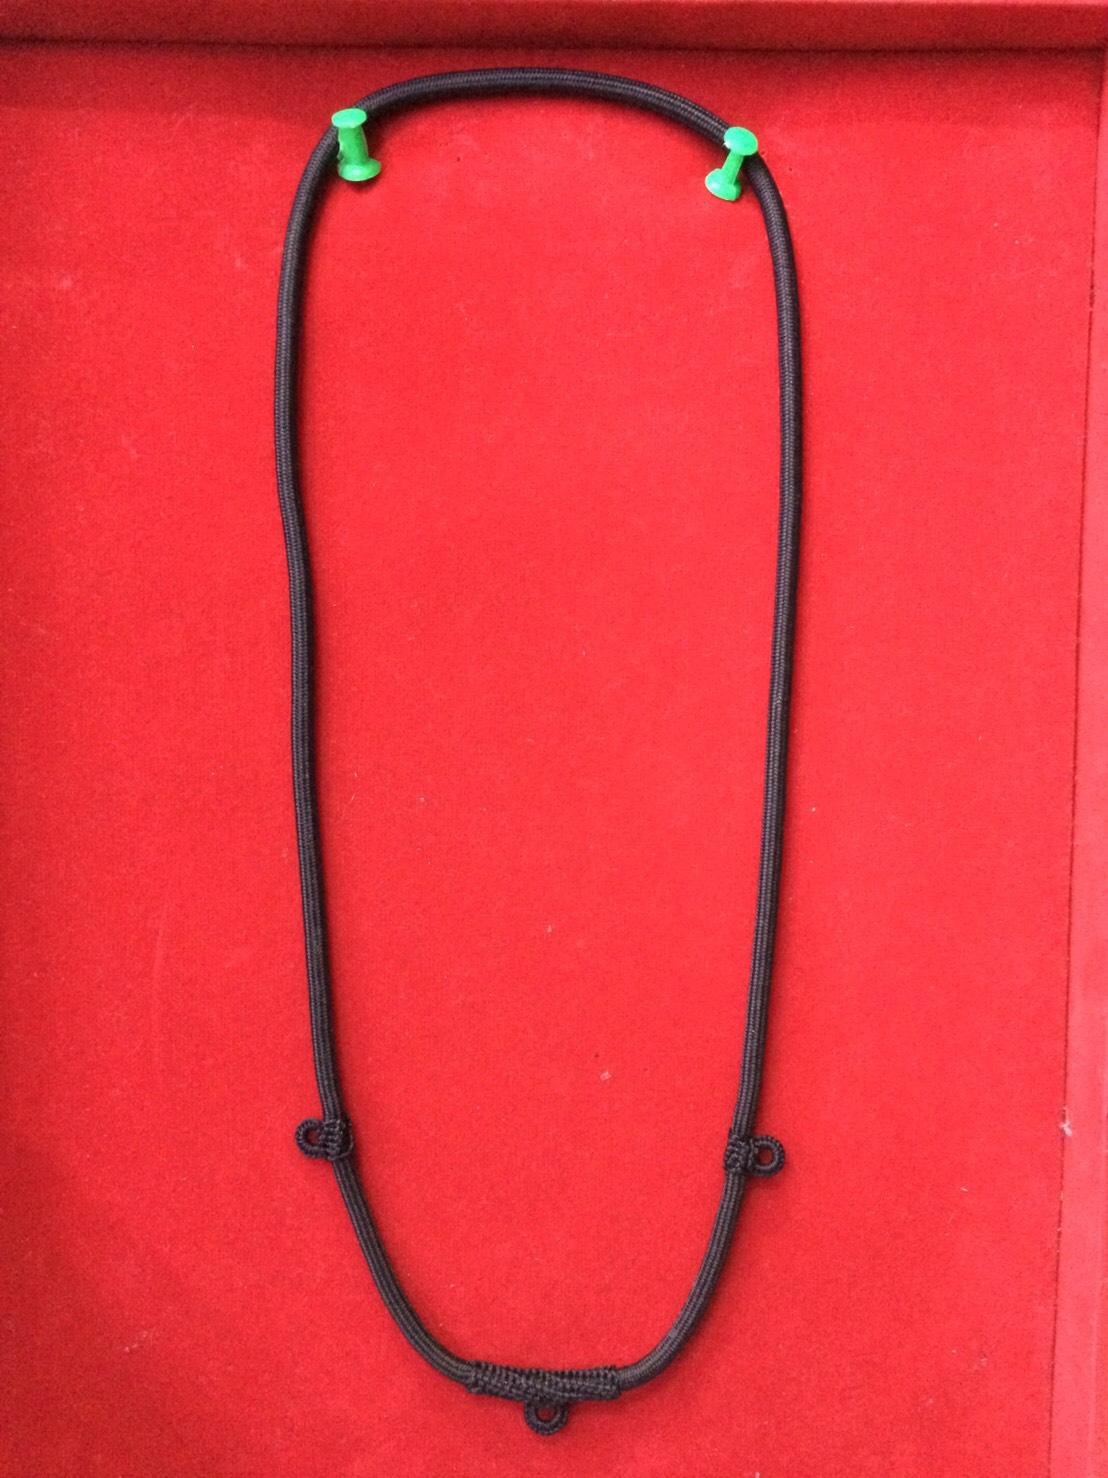 สร้อยเชือกไนล่อน เส้นใหญ่ ห้อยพระ 3 องค์ ความยาวรอบ 26 นิ้ว Nylon rope neckless อุปกรณ์